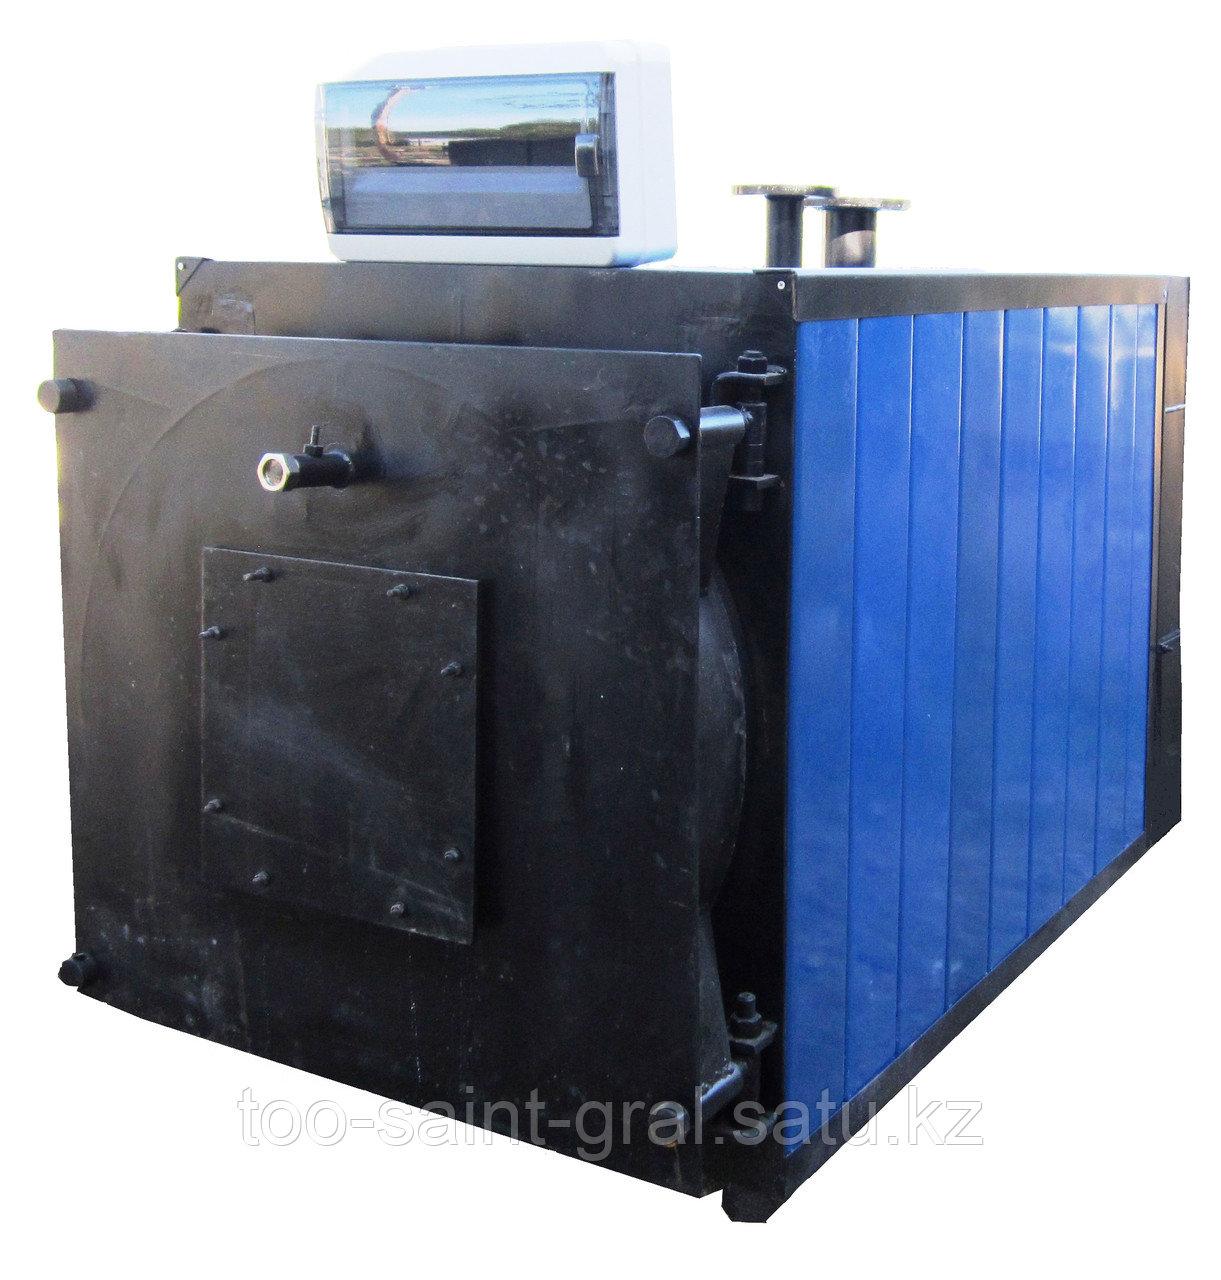 ВВ-1000 Котёл водогрейный на жидком топливе и газе